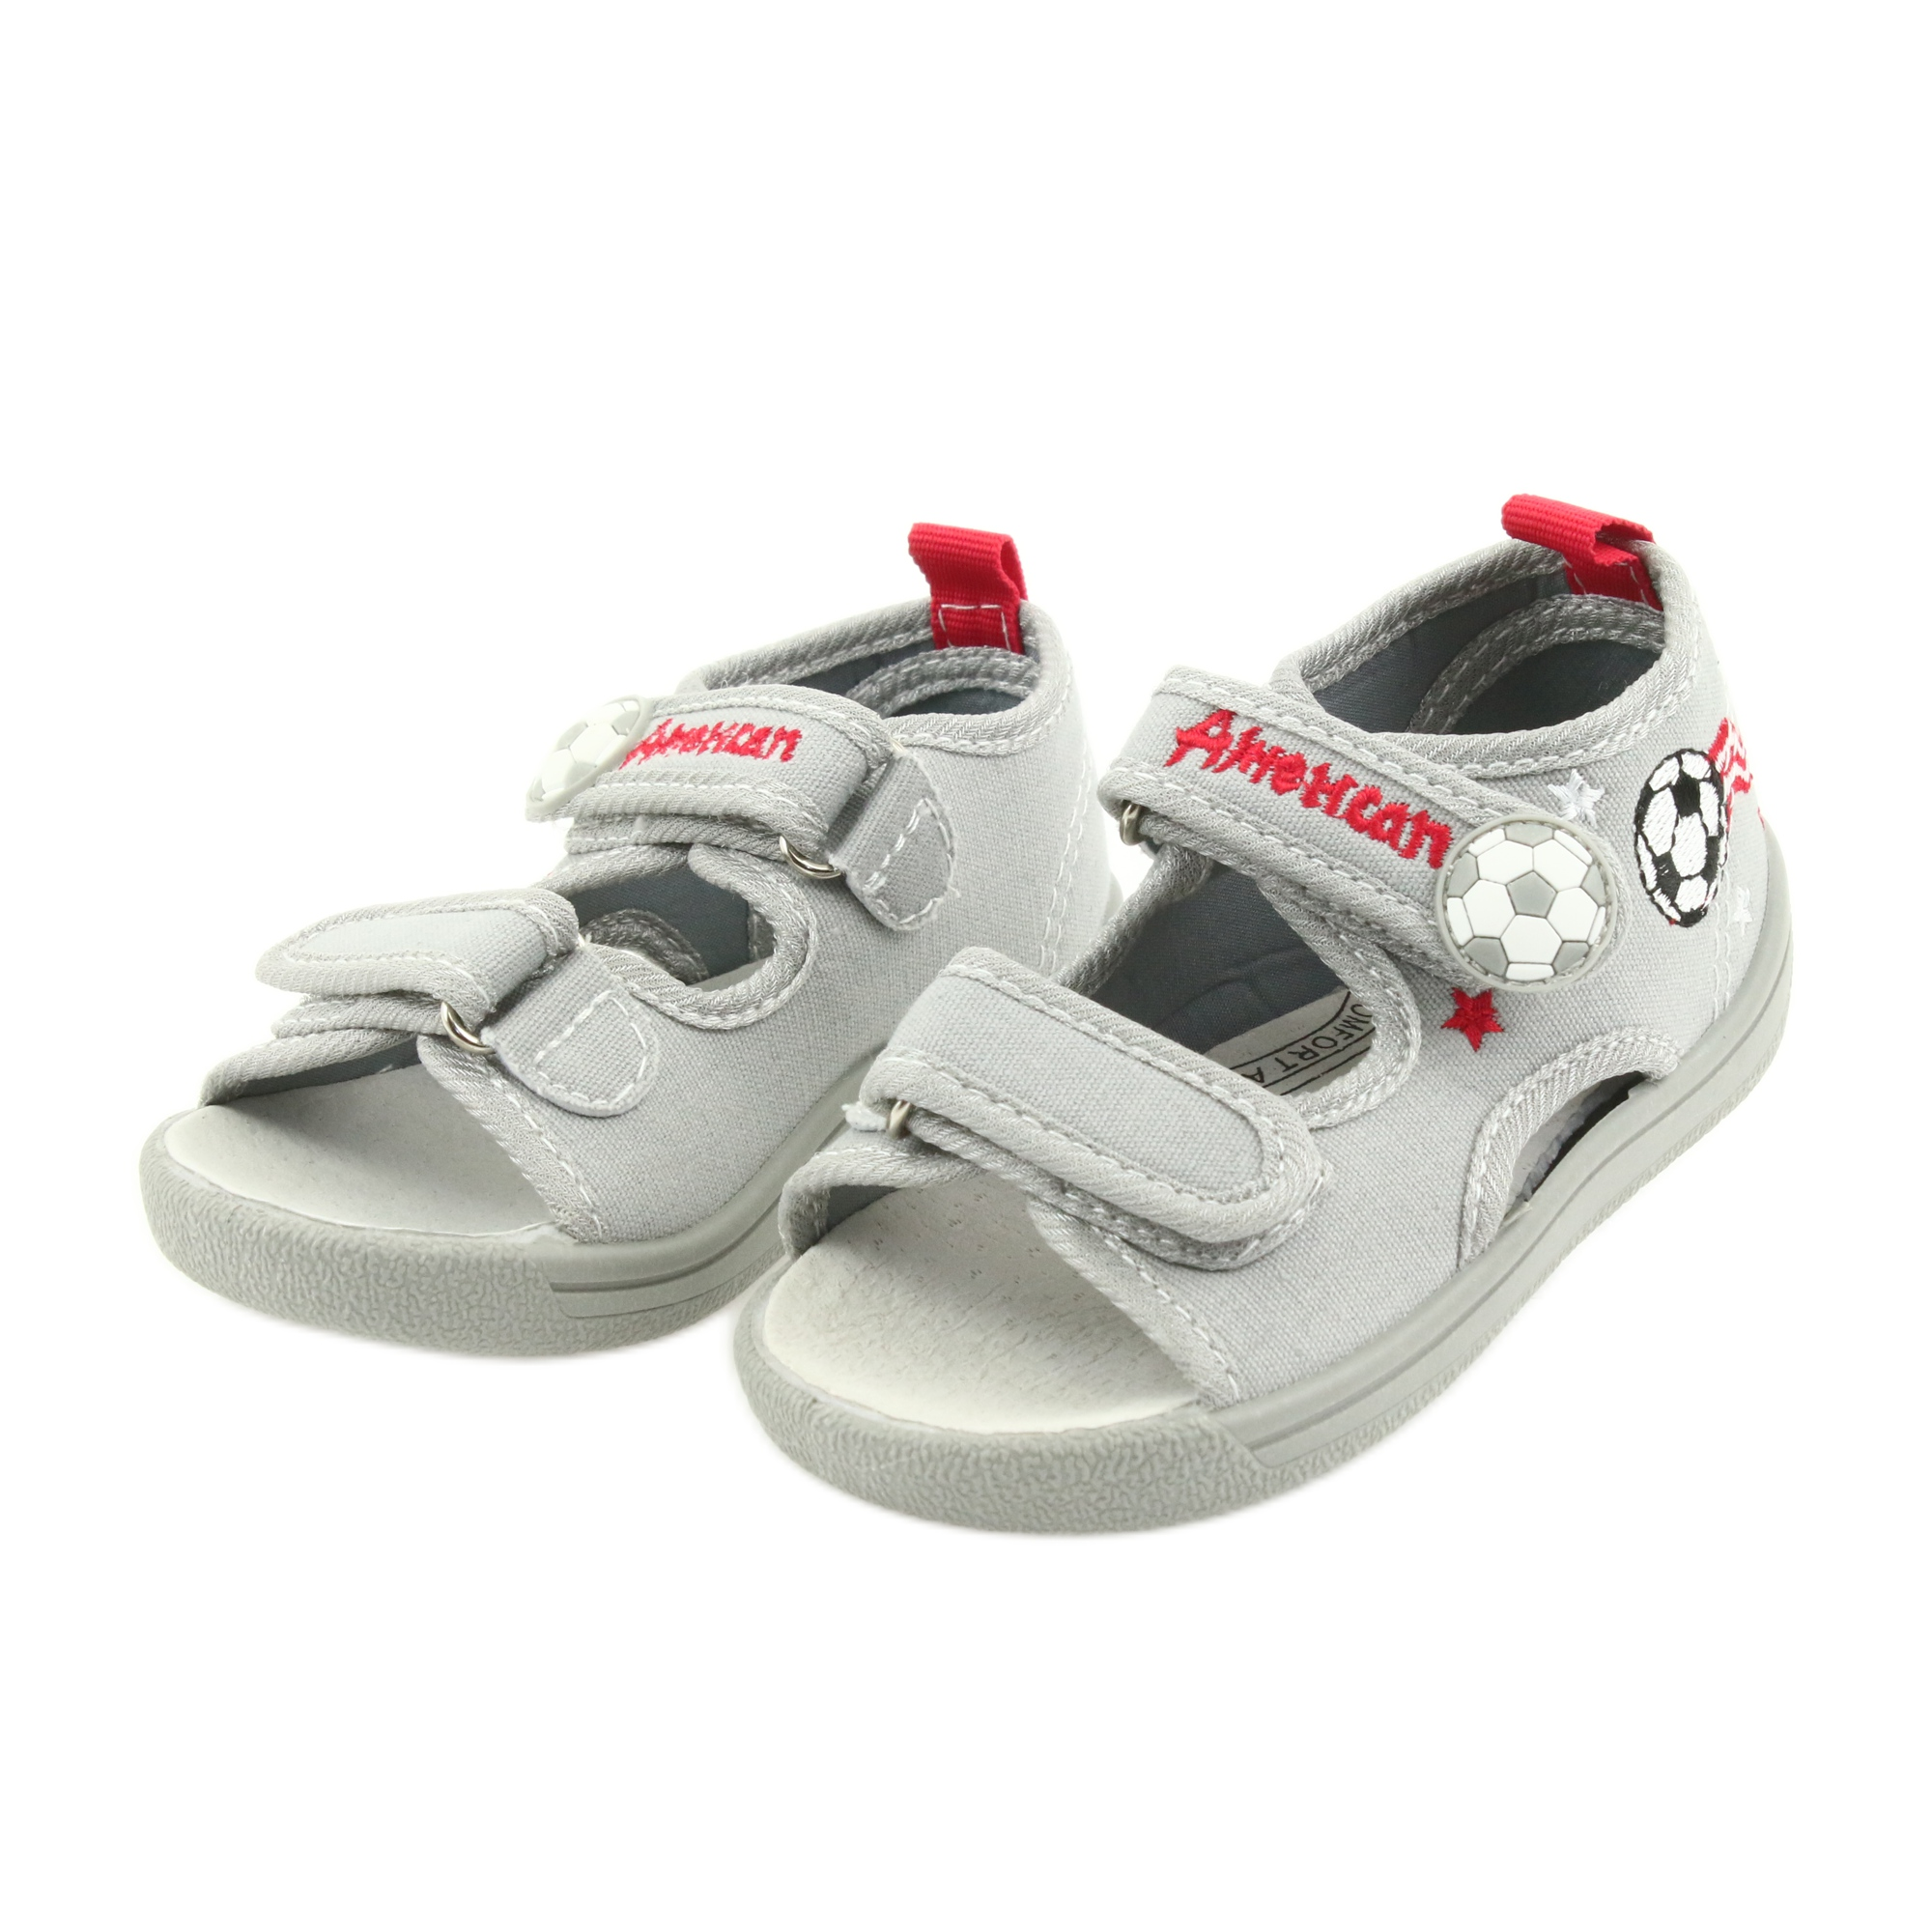 d31f2bc7eb American Club Pantofole per bambini scarpe da bambino sandali americani  35/19